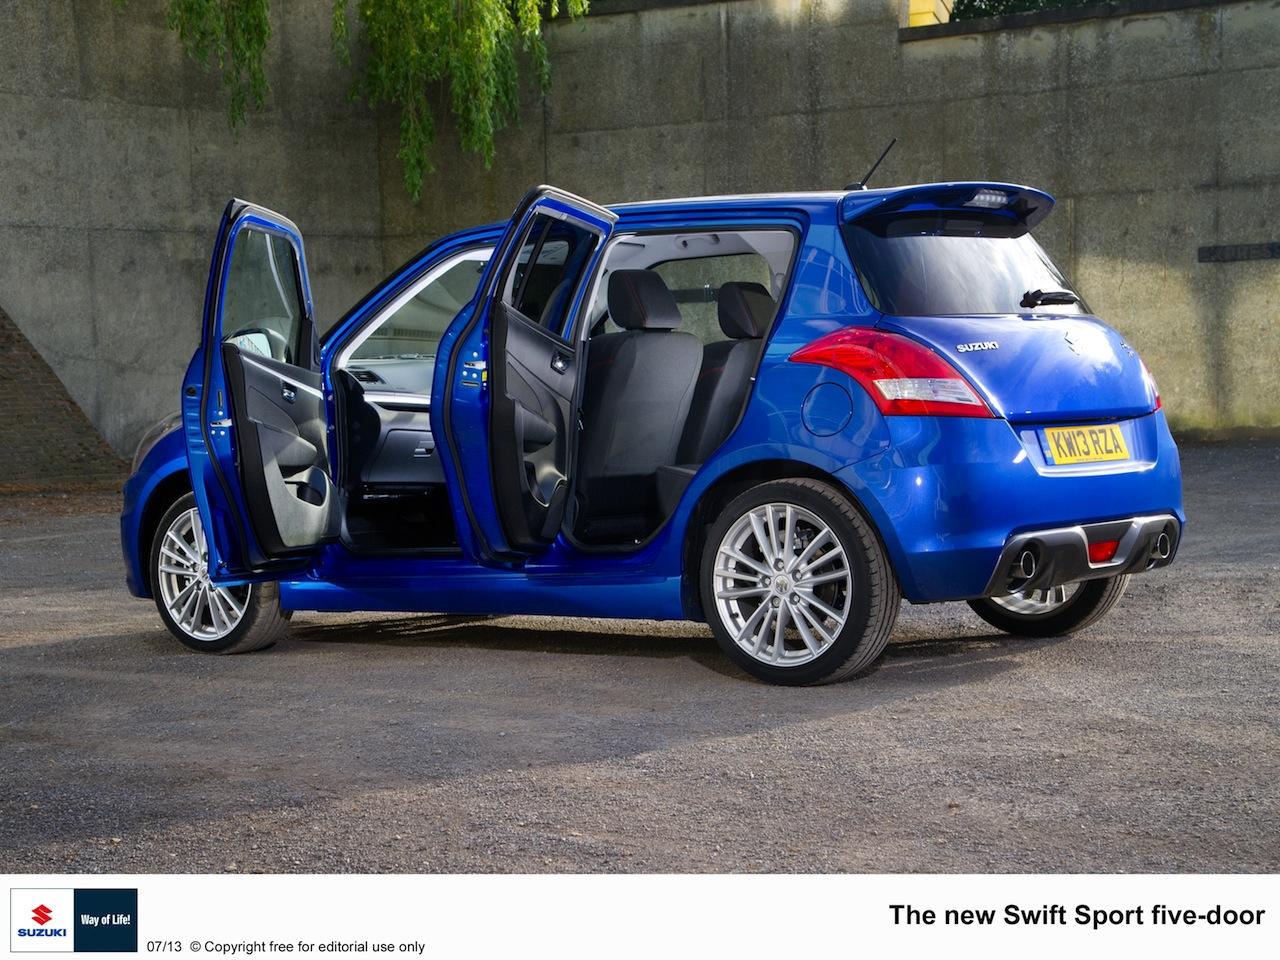 Suzuki Swift Sport 5-door doors open